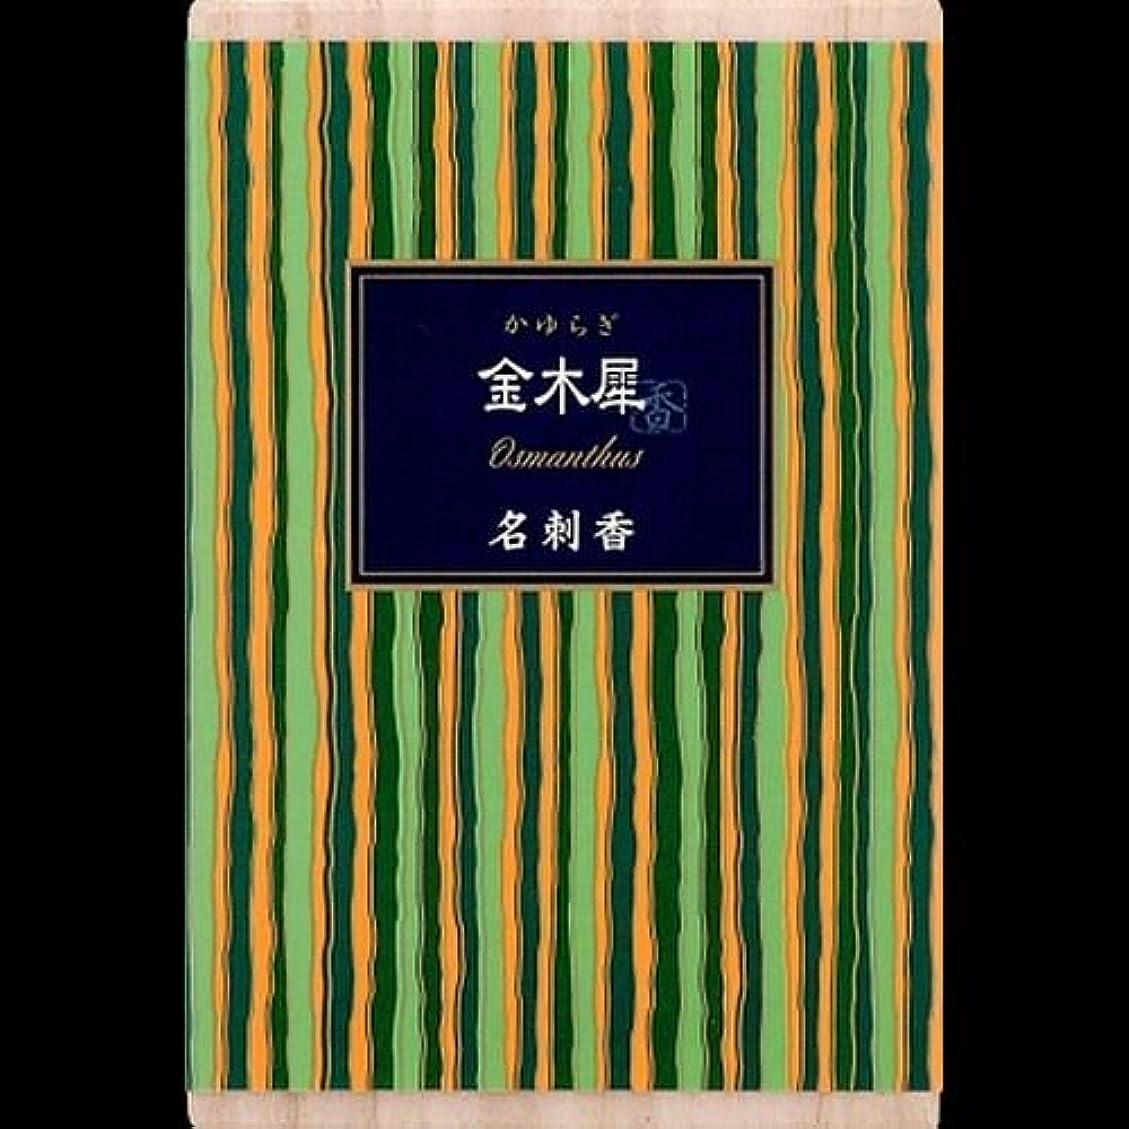 以来タックル降雨【まとめ買い】かゆらぎ 金木犀 名刺香 桐箱 6入 ×2セット